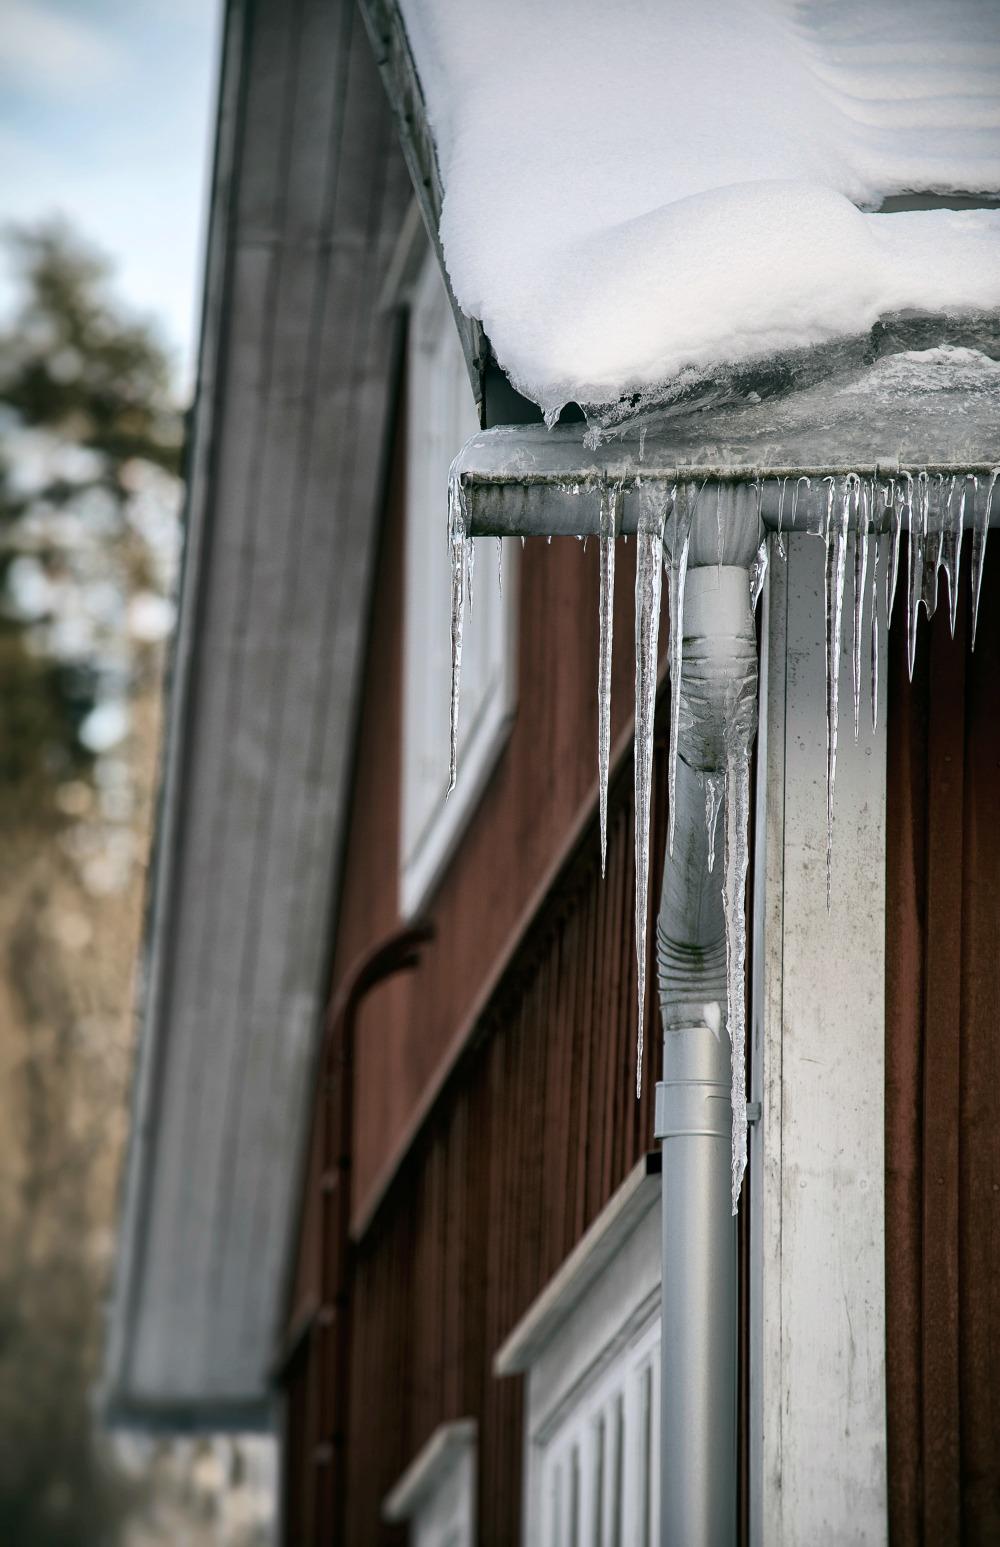 talvi, winter, espoo, visitespoo, Visualaddict, valokuvaaja, Frida Steiner, luontokuva, nature, valokuvaus, outdoors, scandinavia, nordic, finland, visitfinland,, lumi, snow, scenery, ice